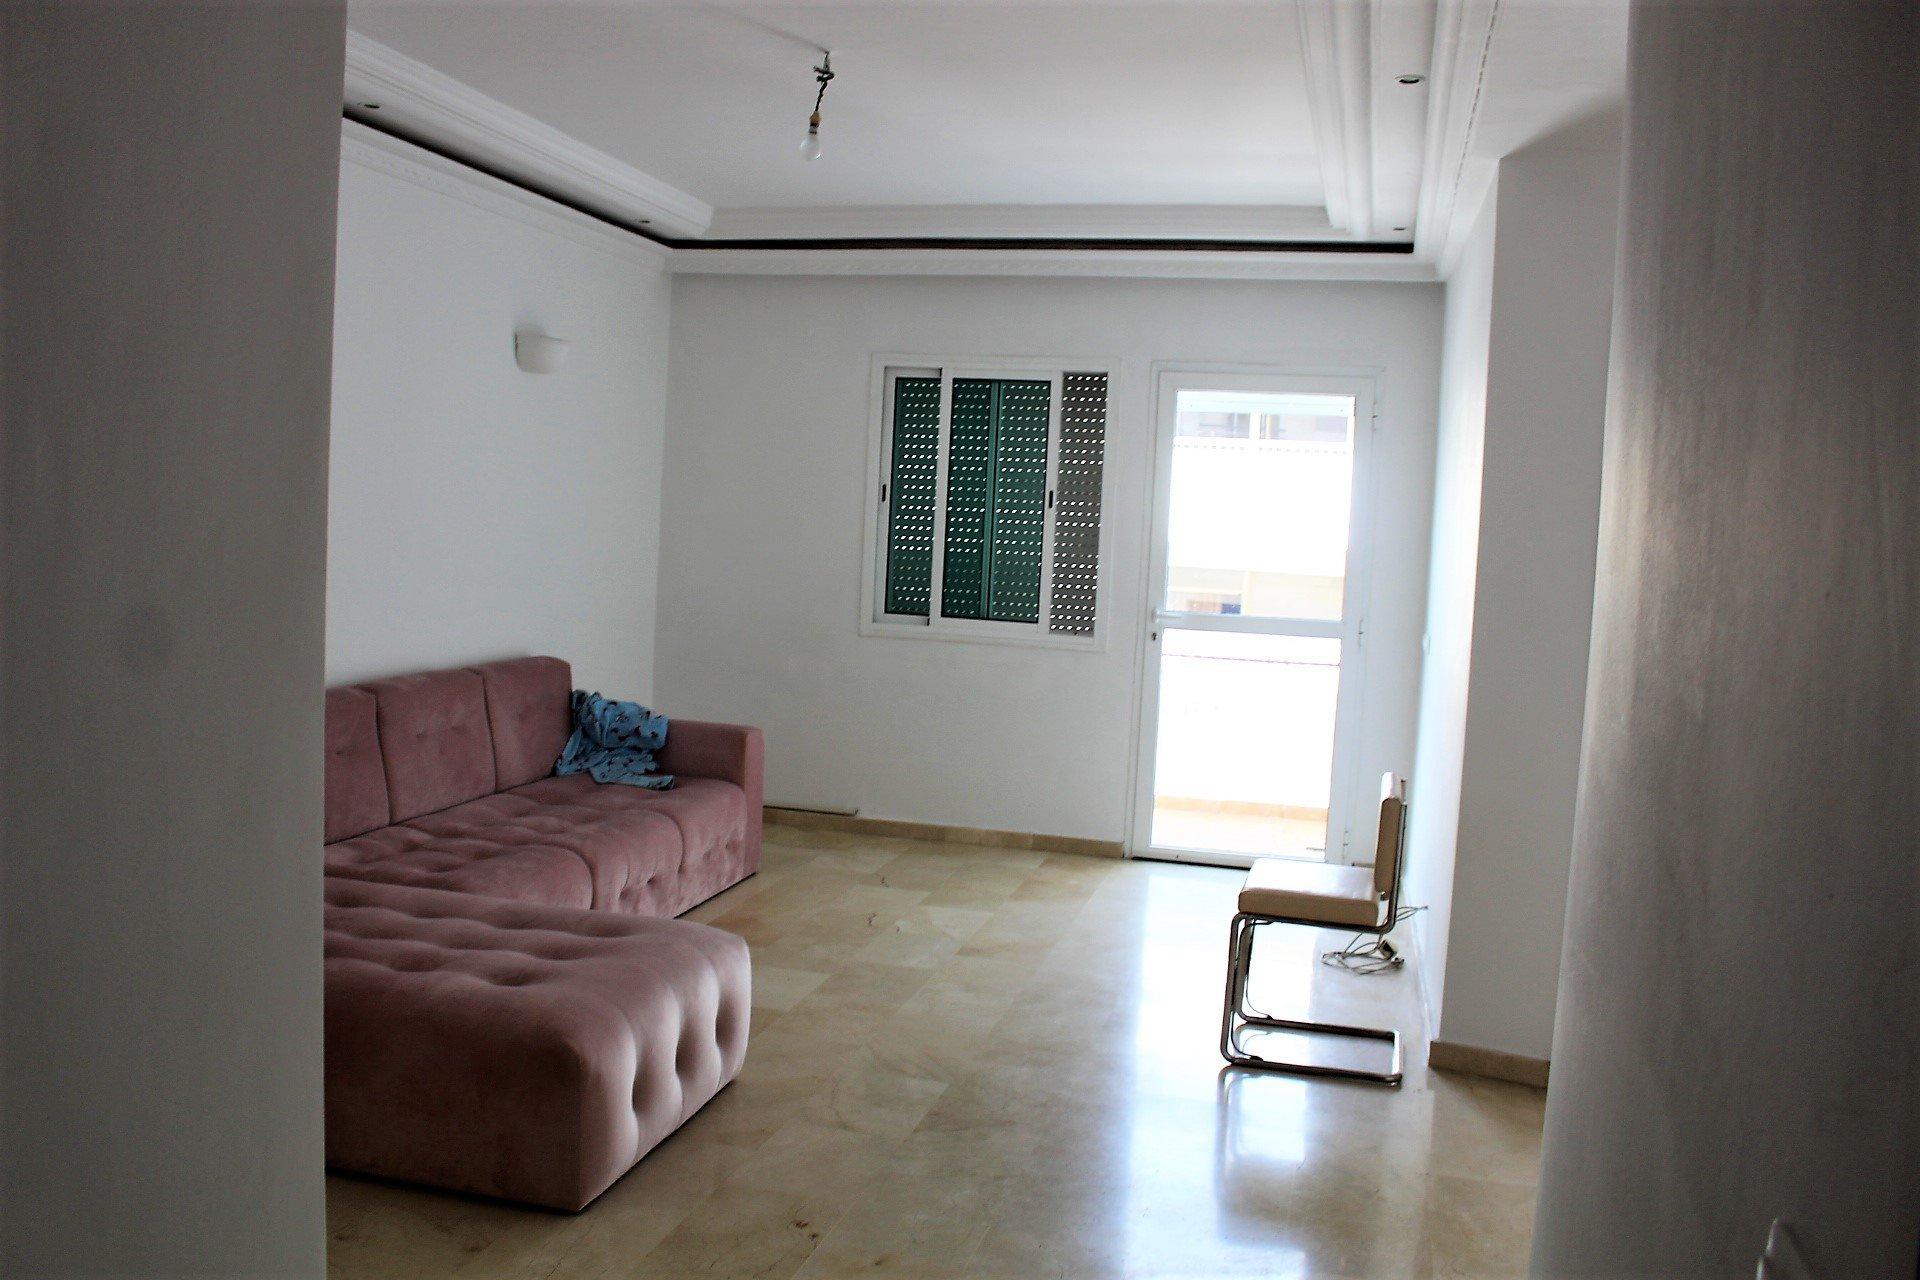 Maroc, Casablanca, Gauthier, à louer appartement d'excellente qualité dans immeuble bien entretenu.